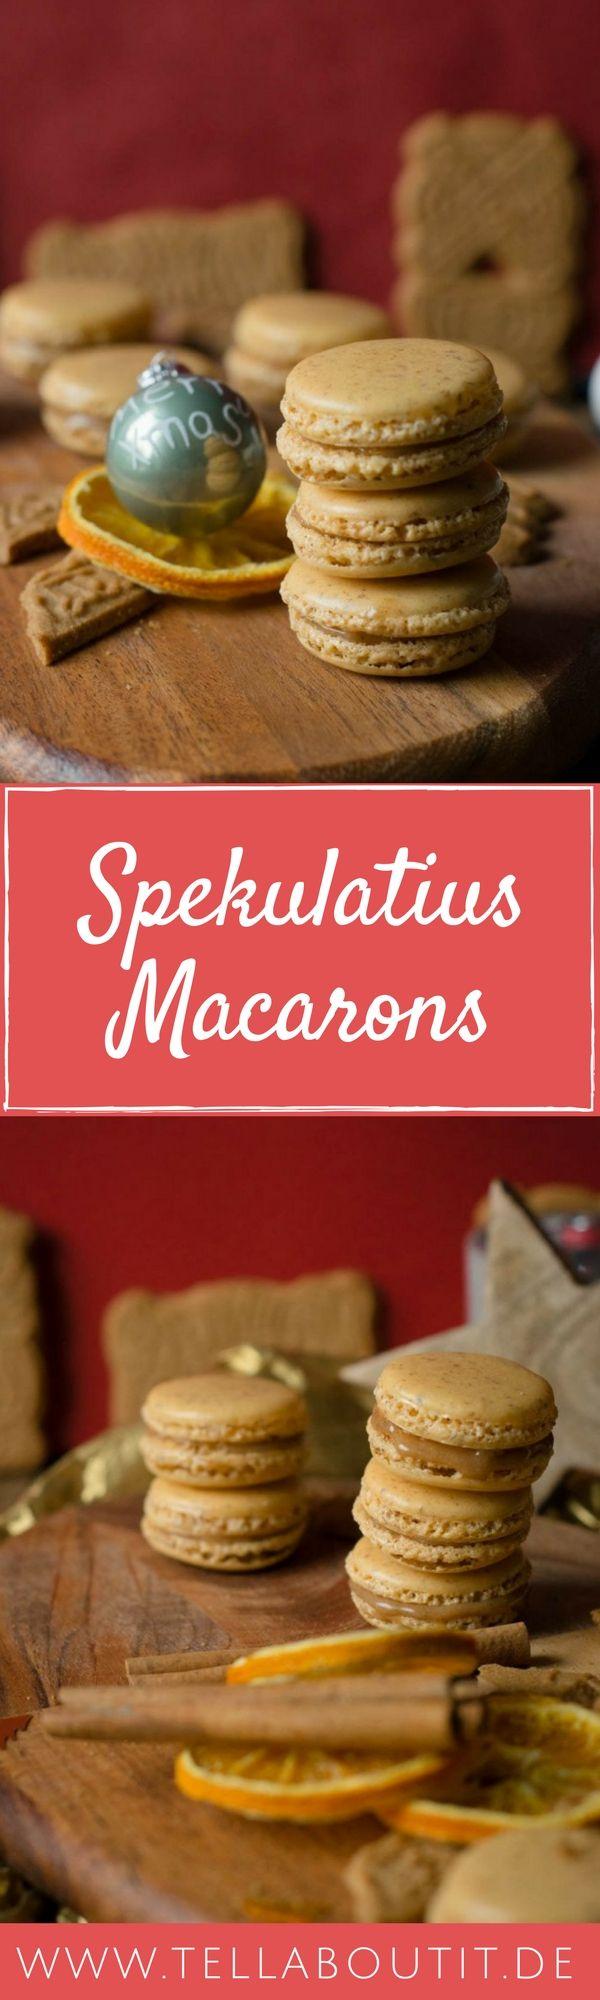 Spekulatius Macarons sind das perfekte Geschenk im Dezember und schmecken so lecker